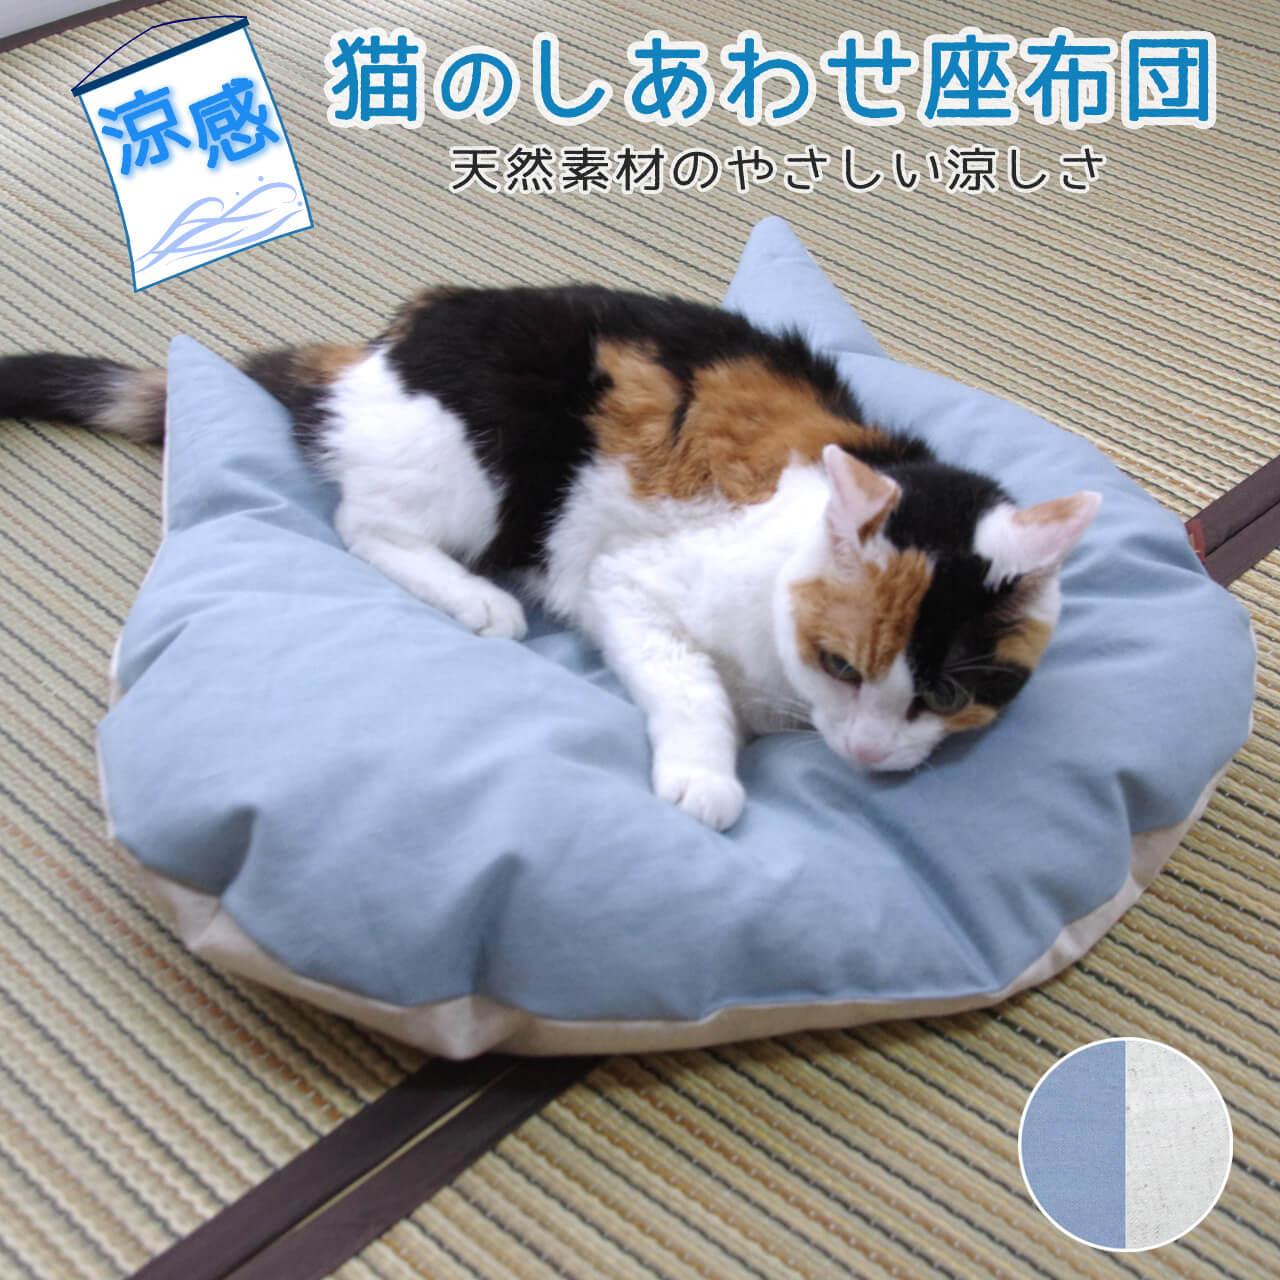 涼感!猫のしあわせ座布団